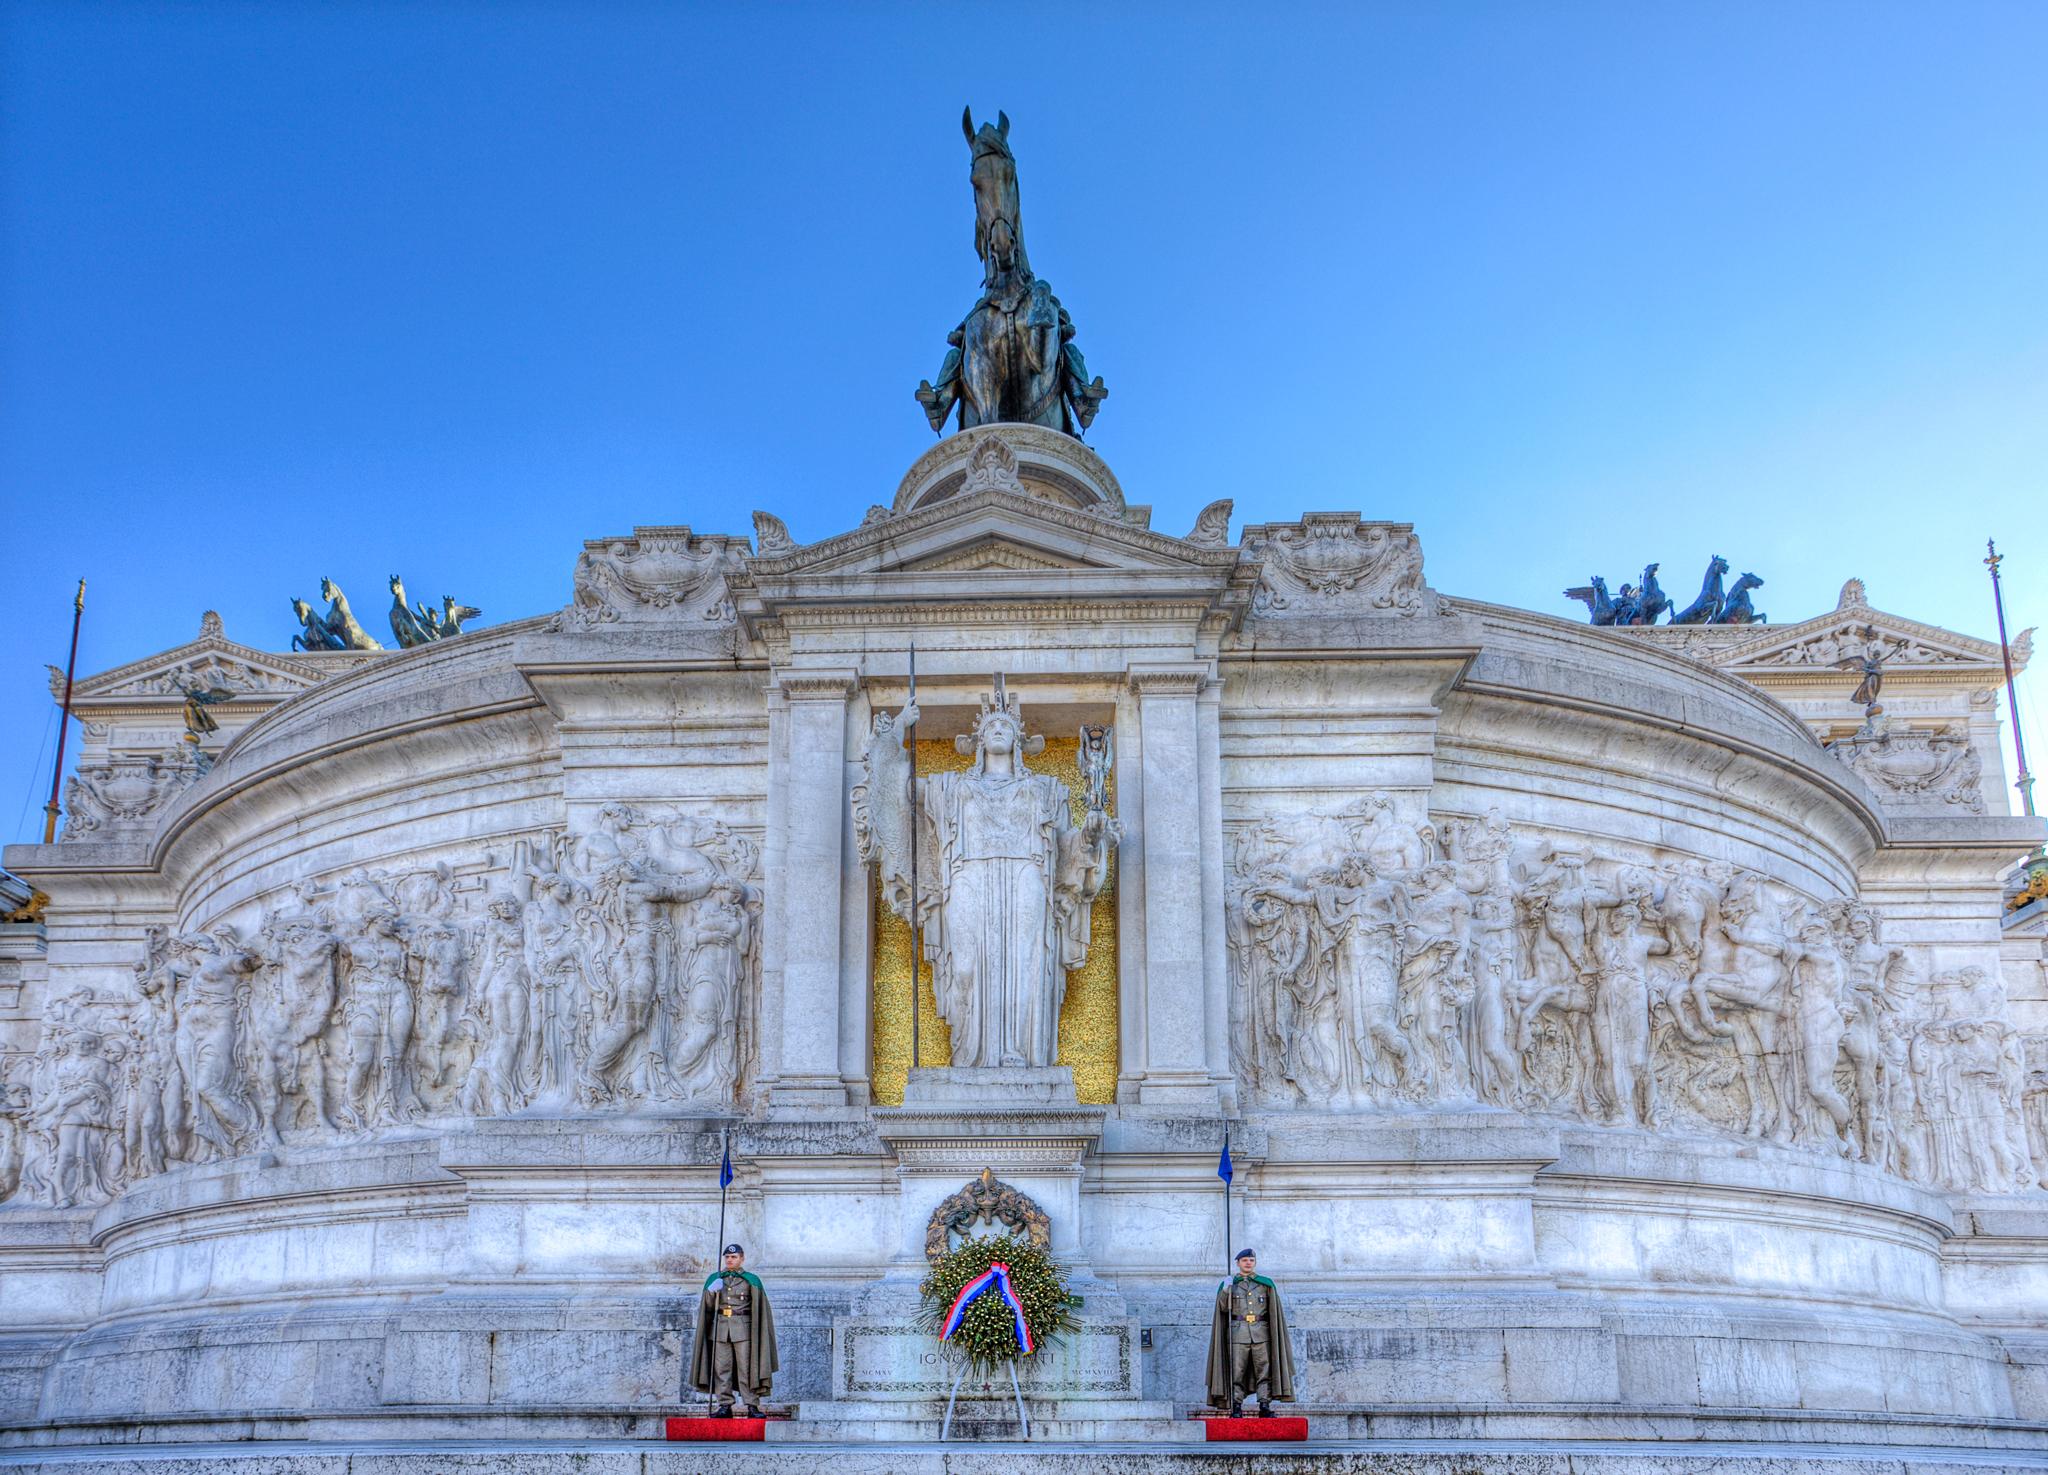 Altare della patria, Italy